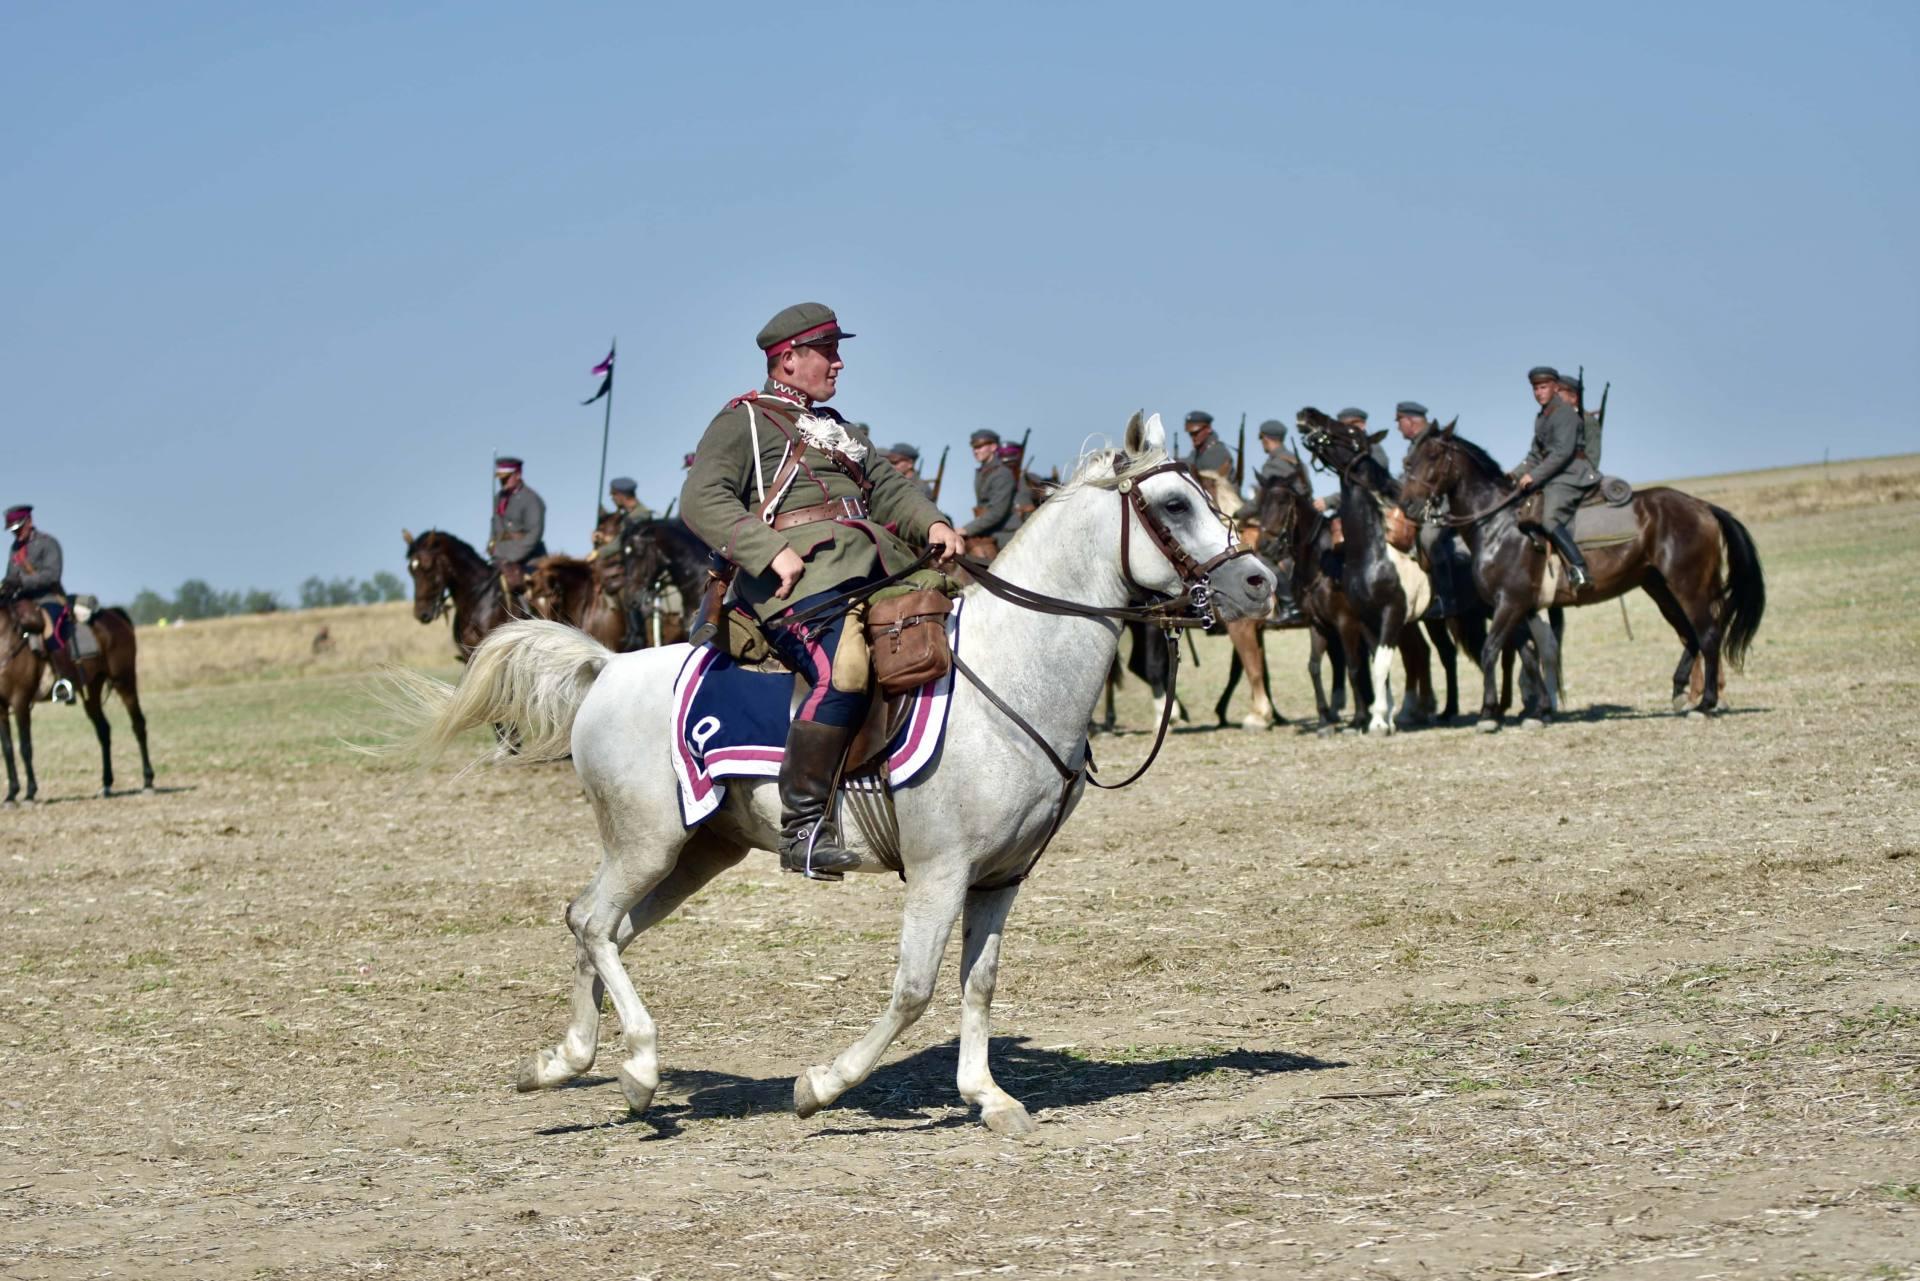 dsc 1182 Czas szabli - 100 rocznica bitwy pod Komarowem(zdjęcia)